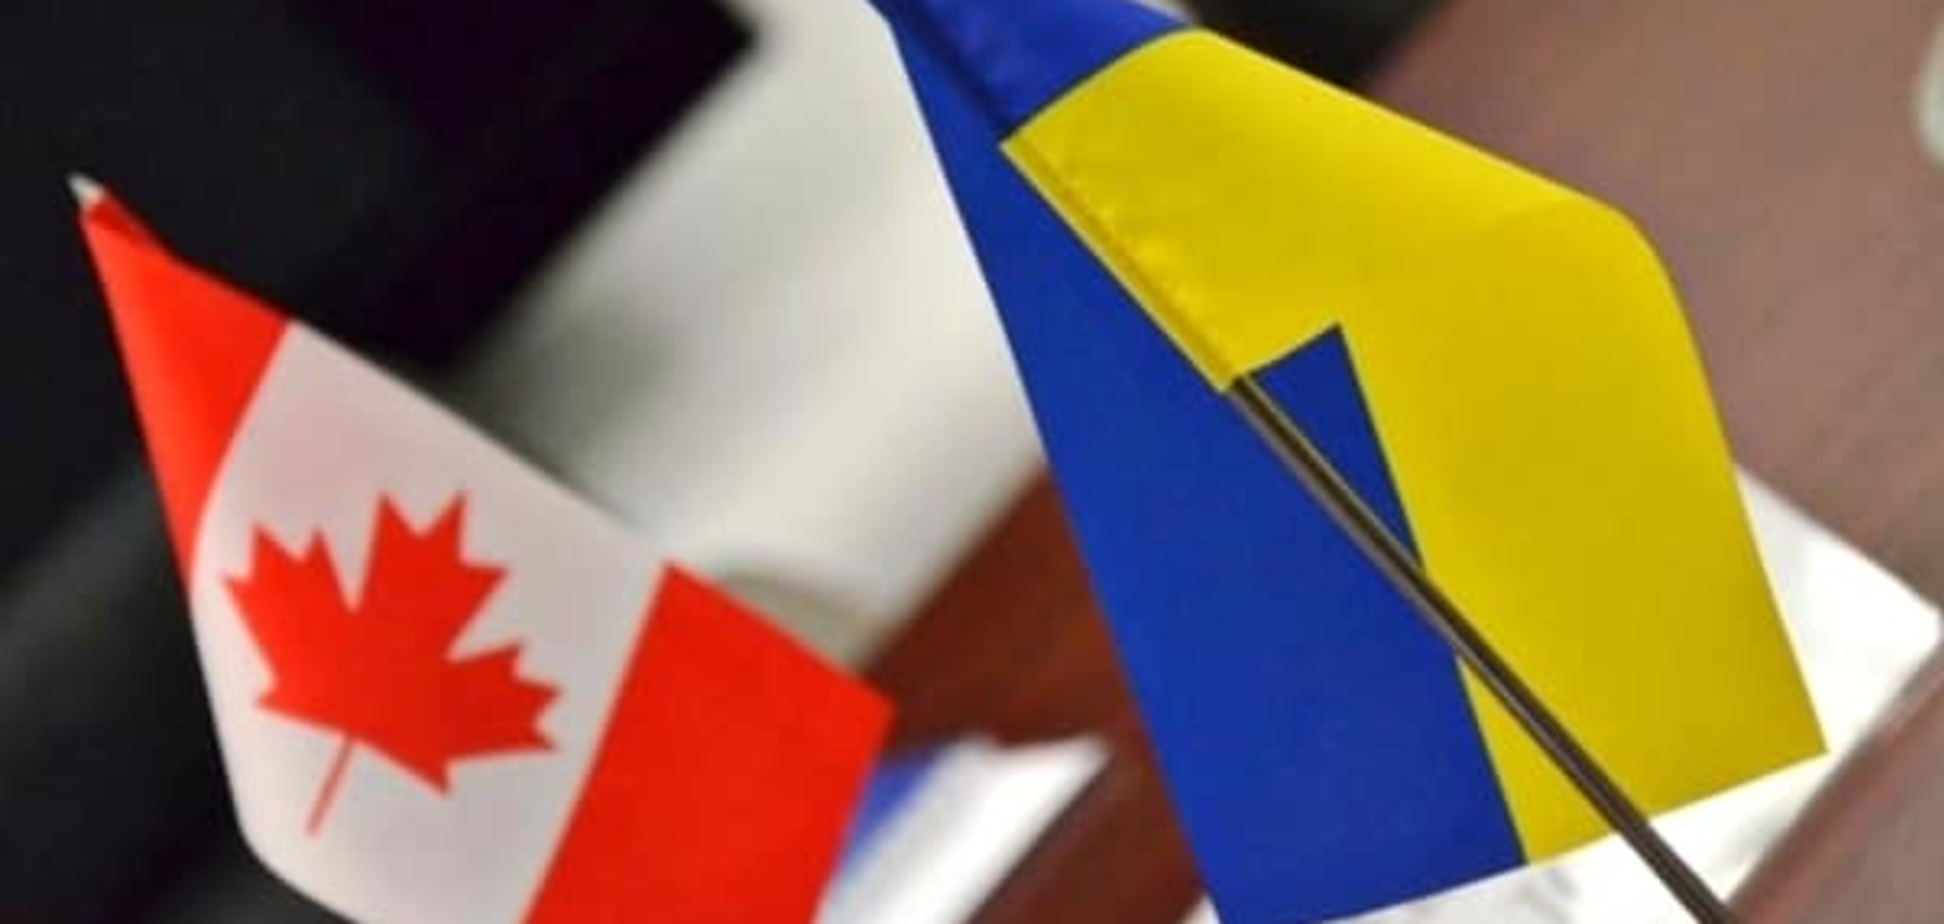 Дипломат: Украина получила серьезного международного партнера в борьбе с Путиным